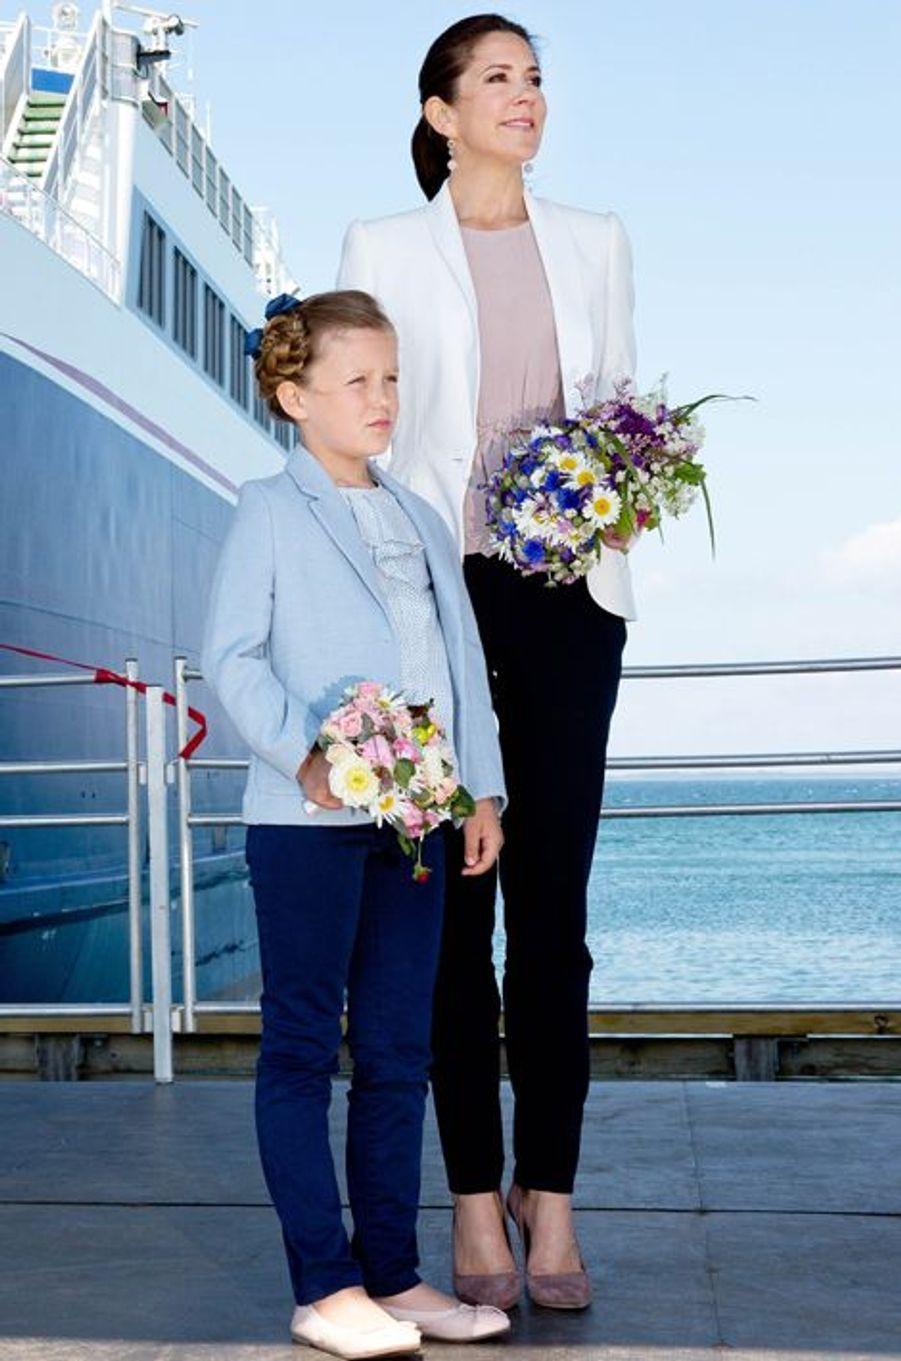 La princesse Mary de Danemark avec la princesse Isabella qui inaugure son premier bateau à Saelvig, le 6 juin 2015